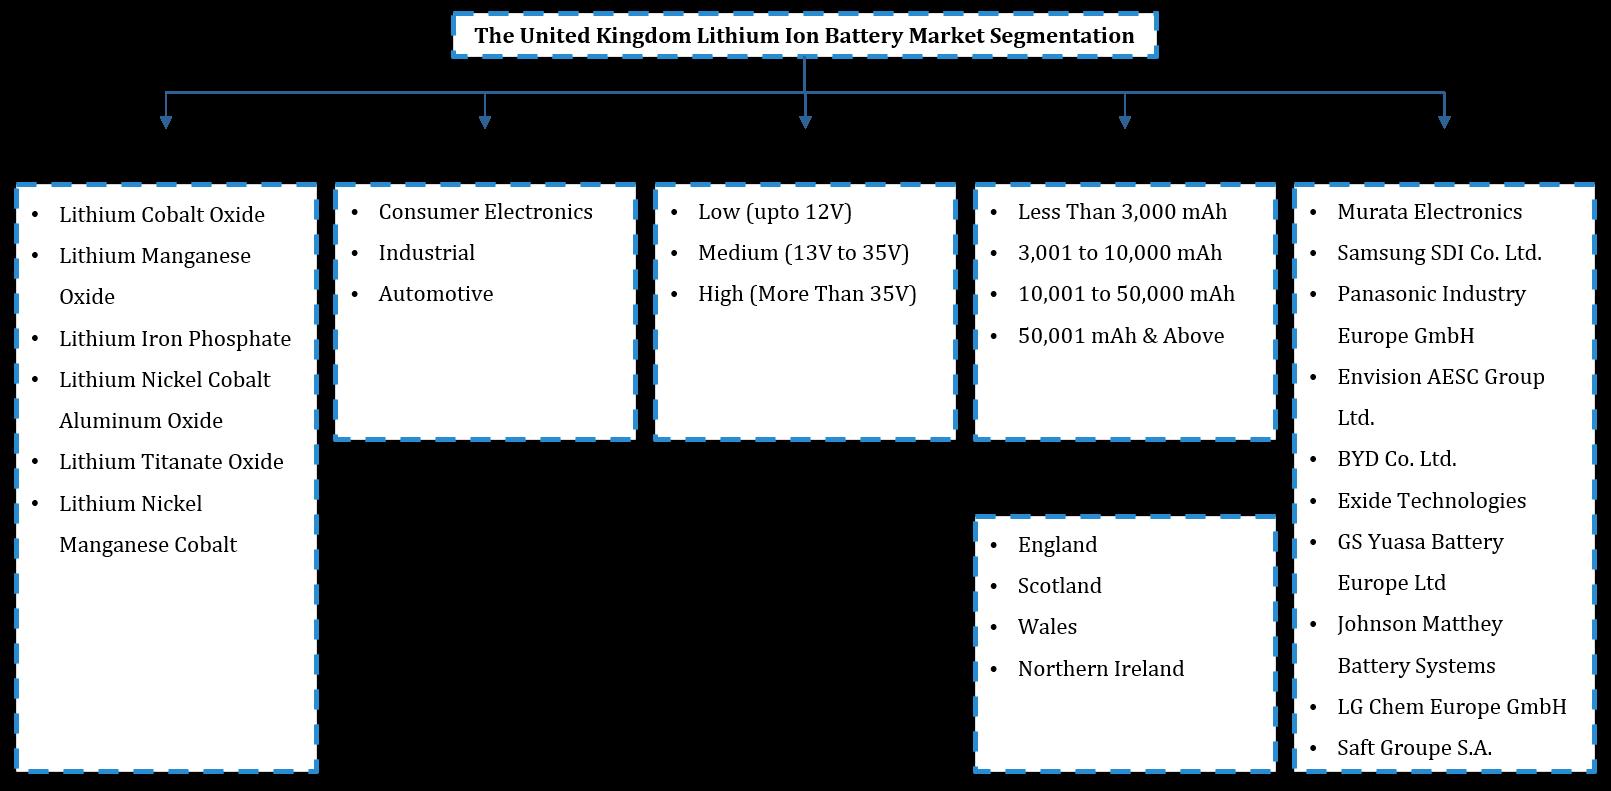 The UK Lithium Ion Battery Market Segmentation